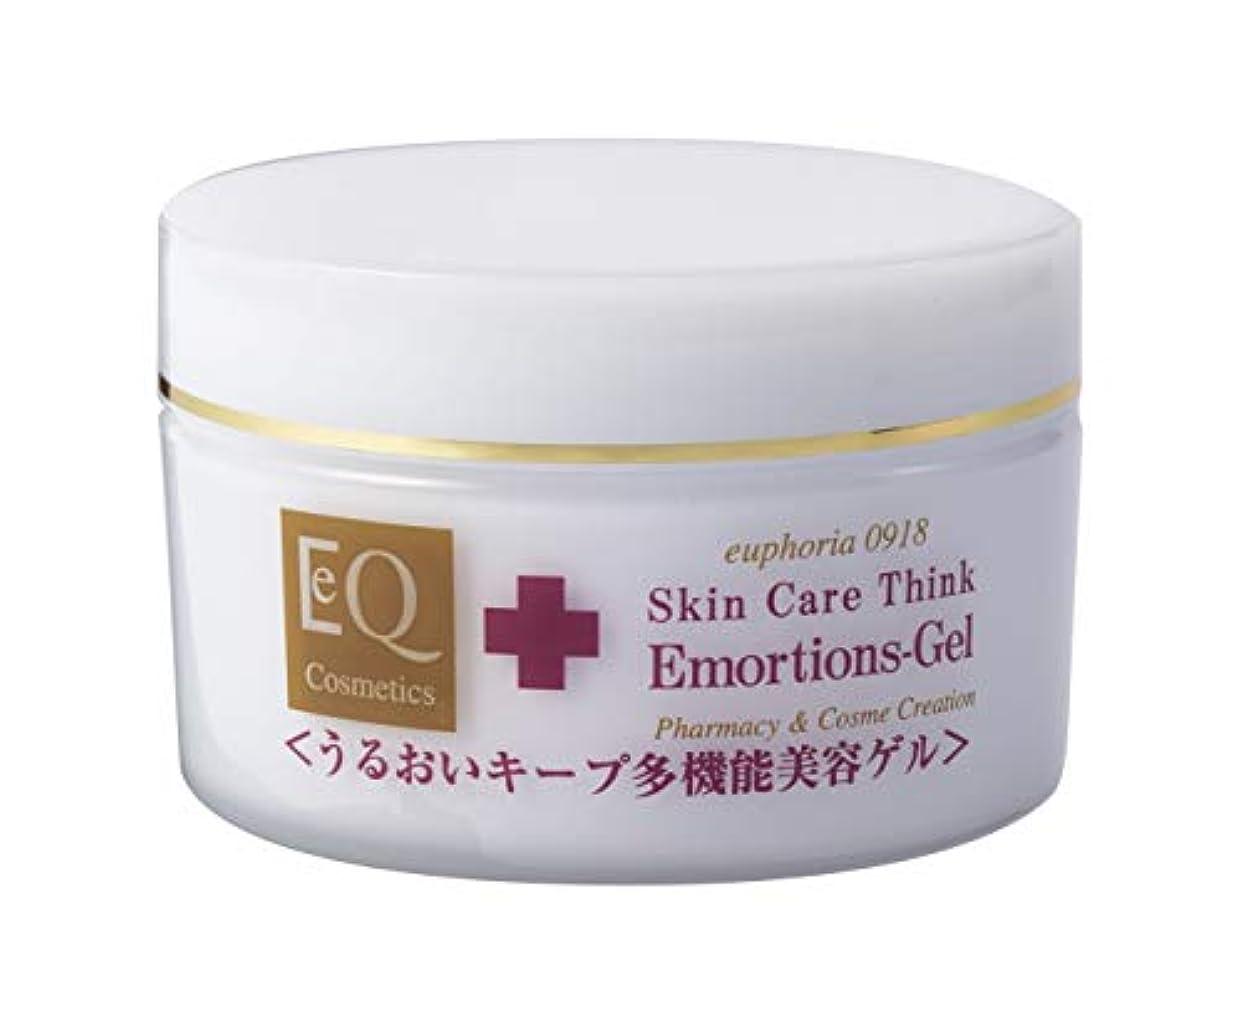 きょうだい画面雇用EQ Cosmetics (イーキューコスメティクス) スキンケアシンク モルションズゲルEXモイスチャー うるおいキープ多機能美容ゲル 80g お試し用ホイップ4gセット